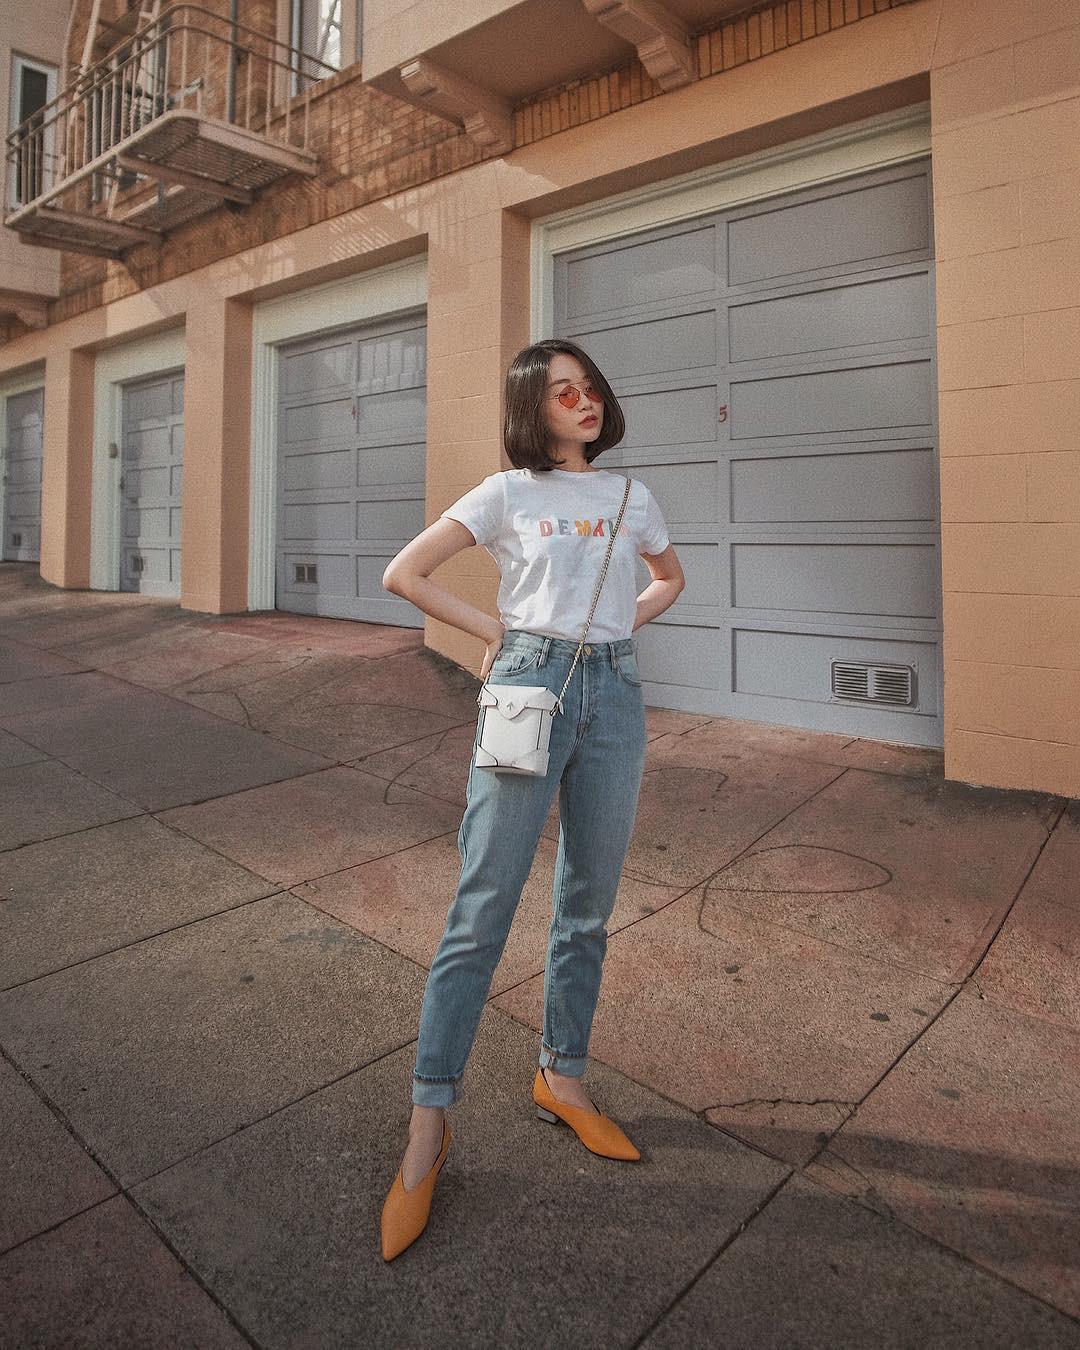 Bảo chứng cho vẻ sành điệu là combo áo phông – quần jeans với 15 ý tưởng diện mãi không biết chán này  - Ảnh 1.